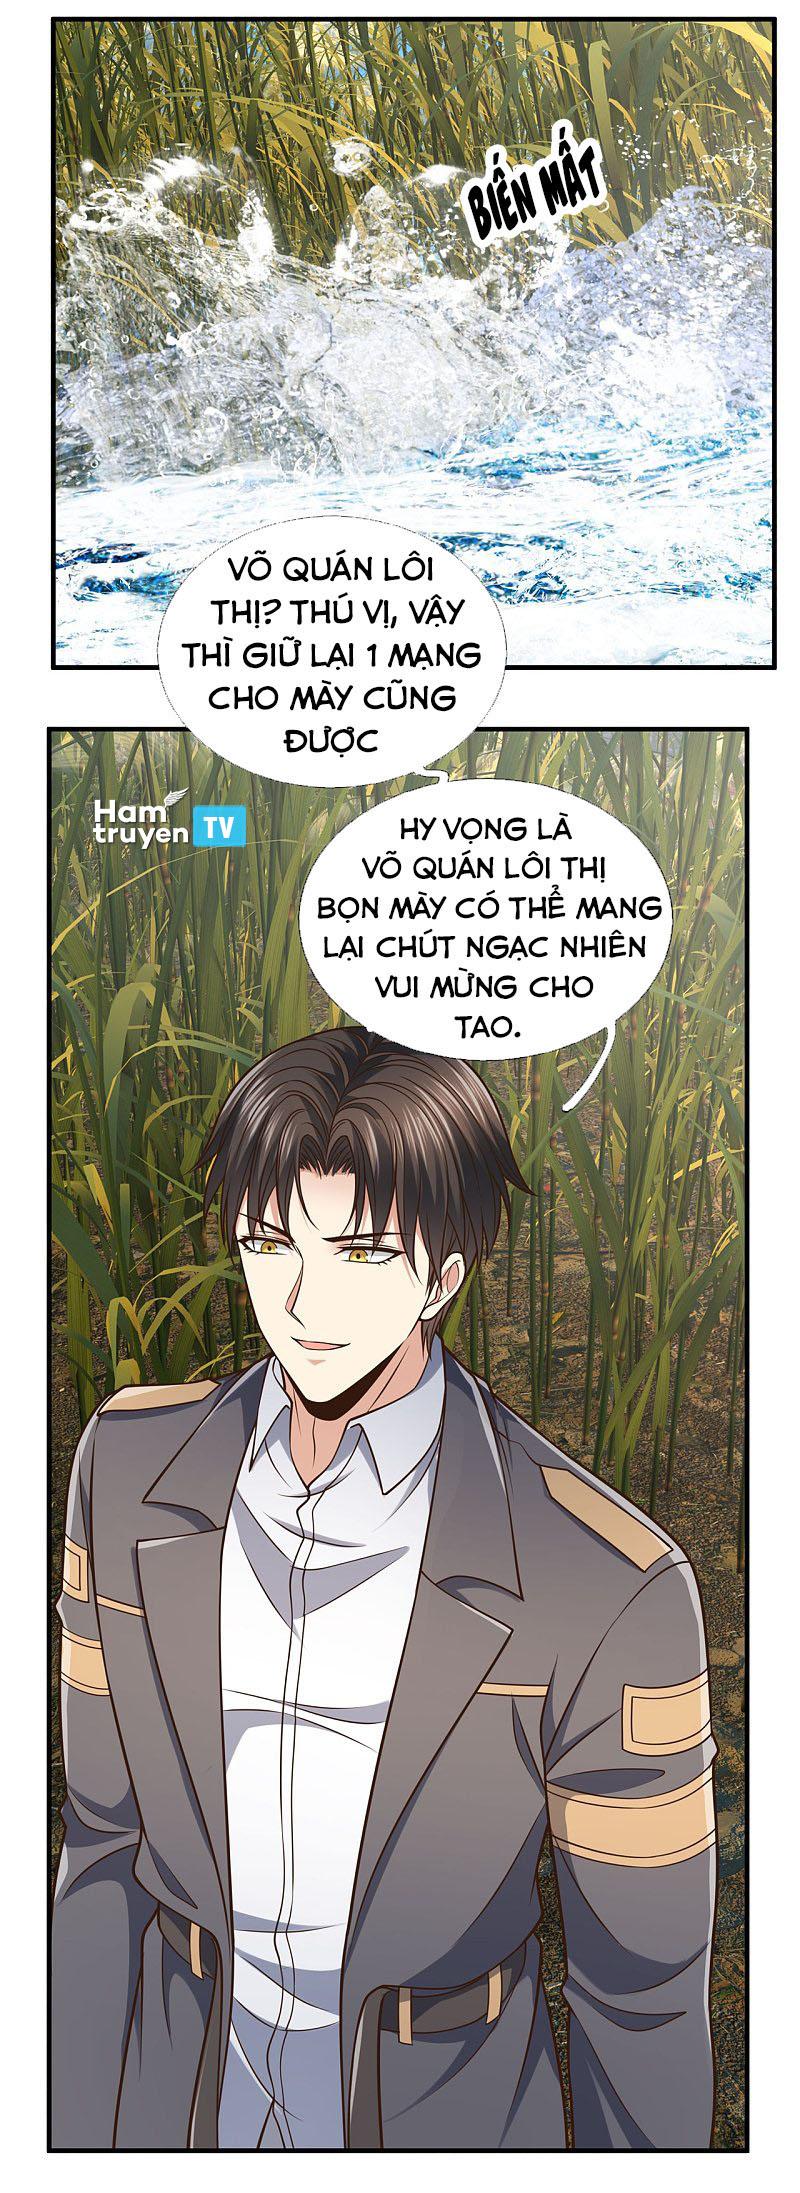 Ta Là Chiến Thần Vô Song Chương 97 - Truyentranhaudio.online